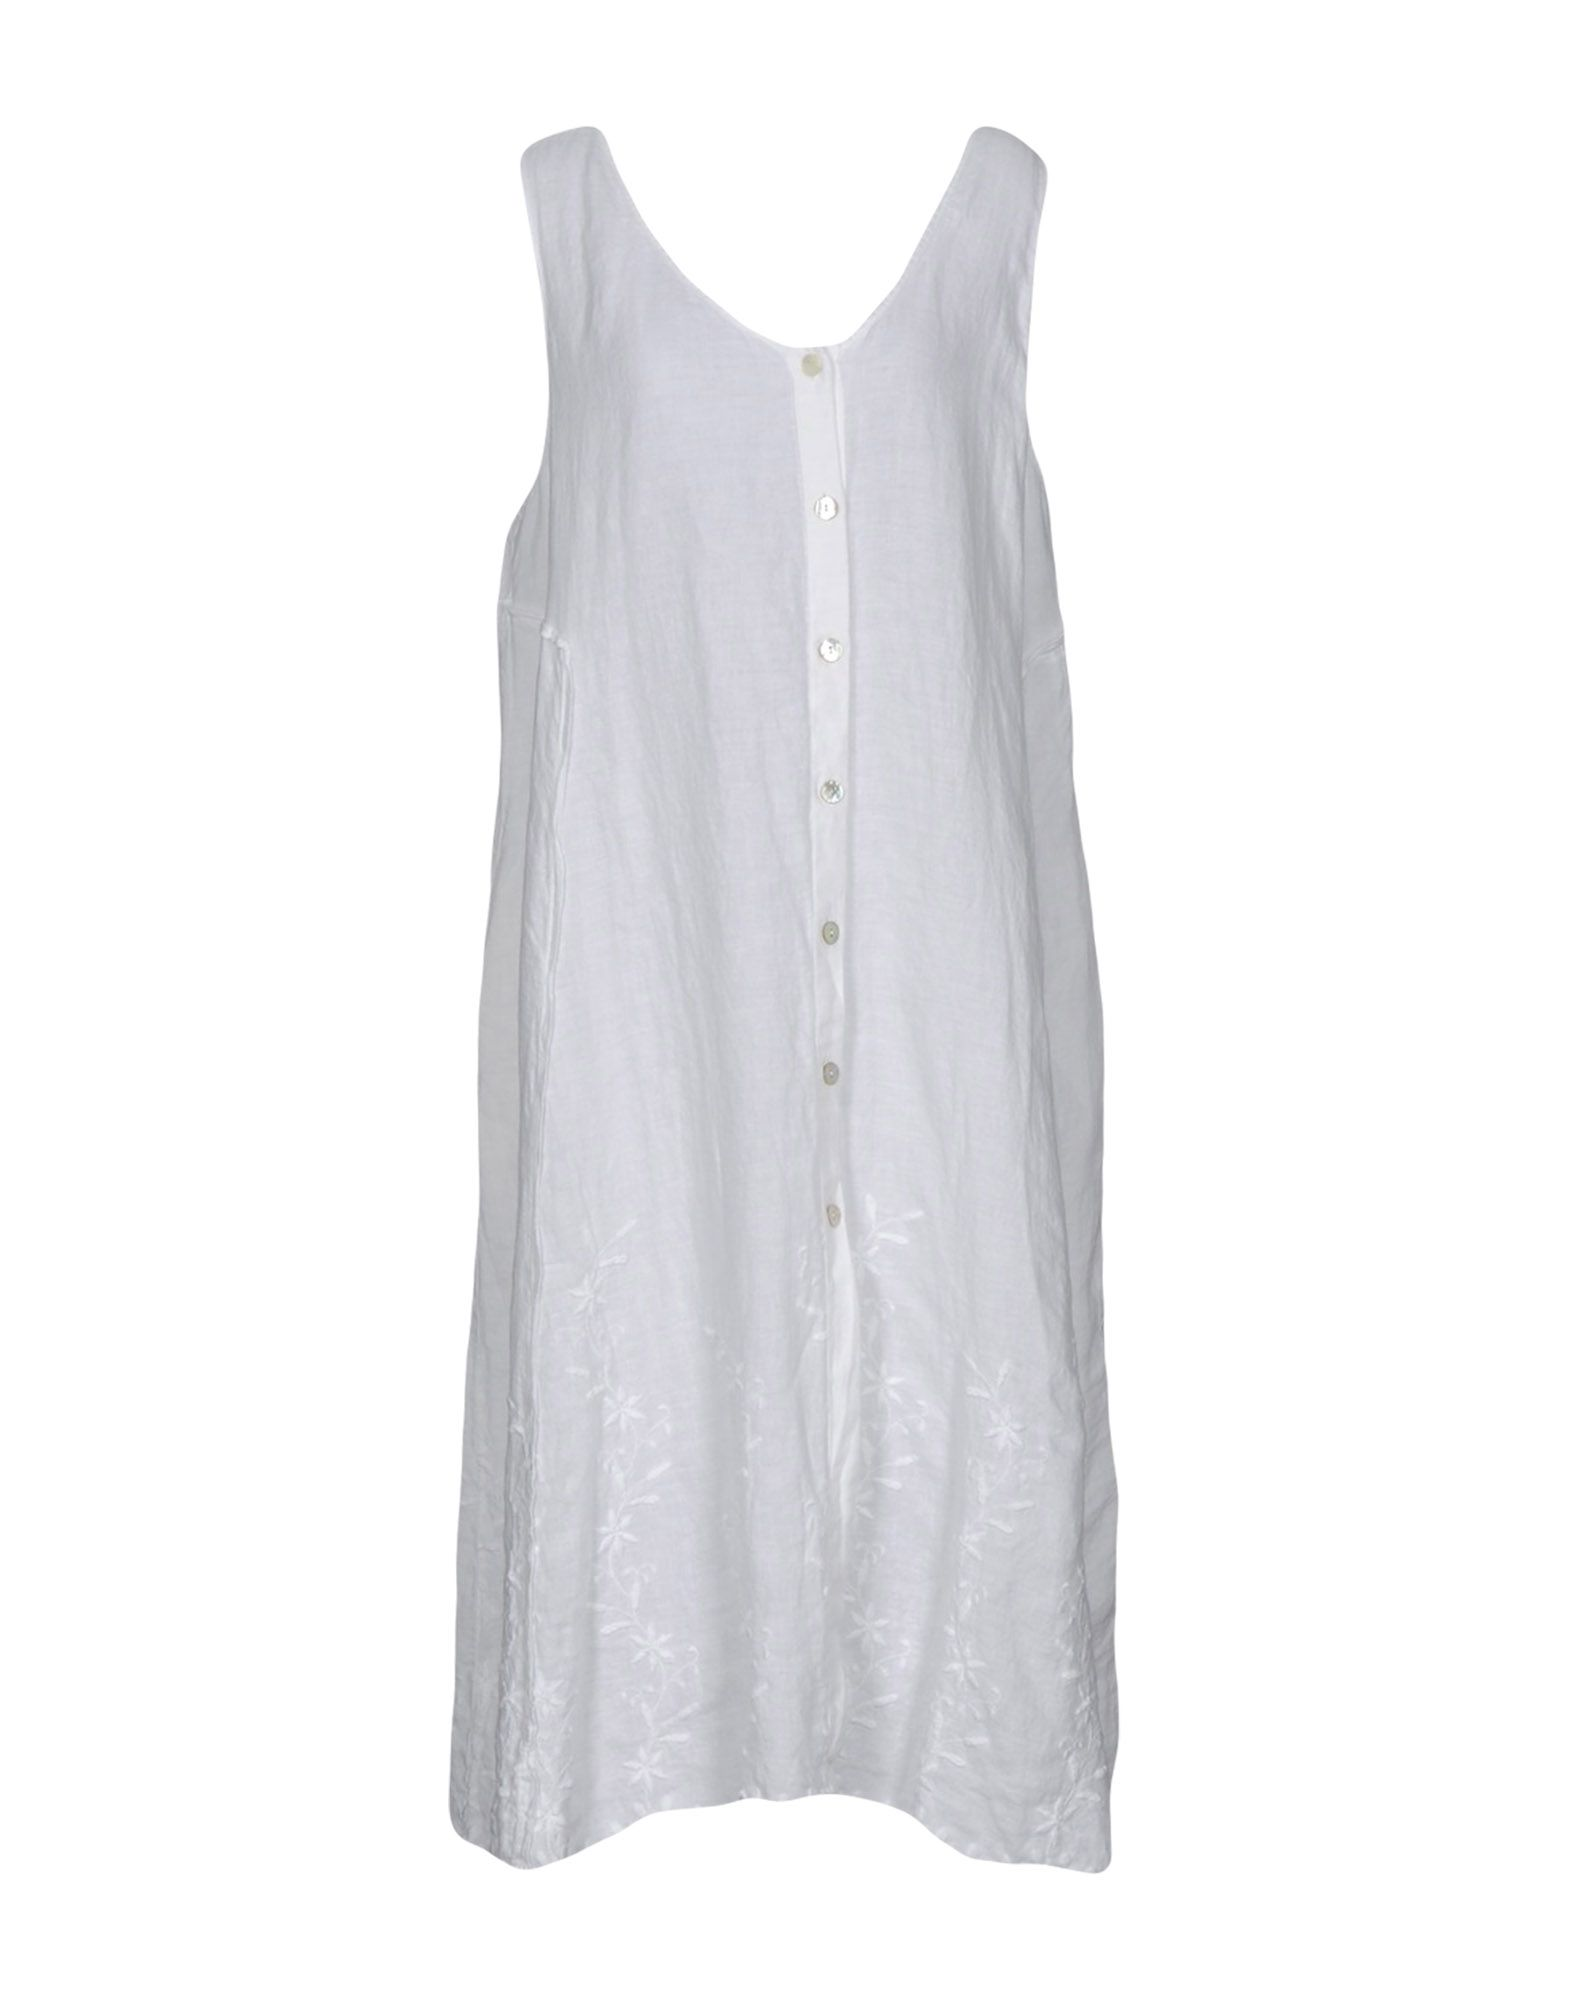 LA FABBRICA del LINO Платье длиной 3/4 рубашки lino russo рубашка индиго